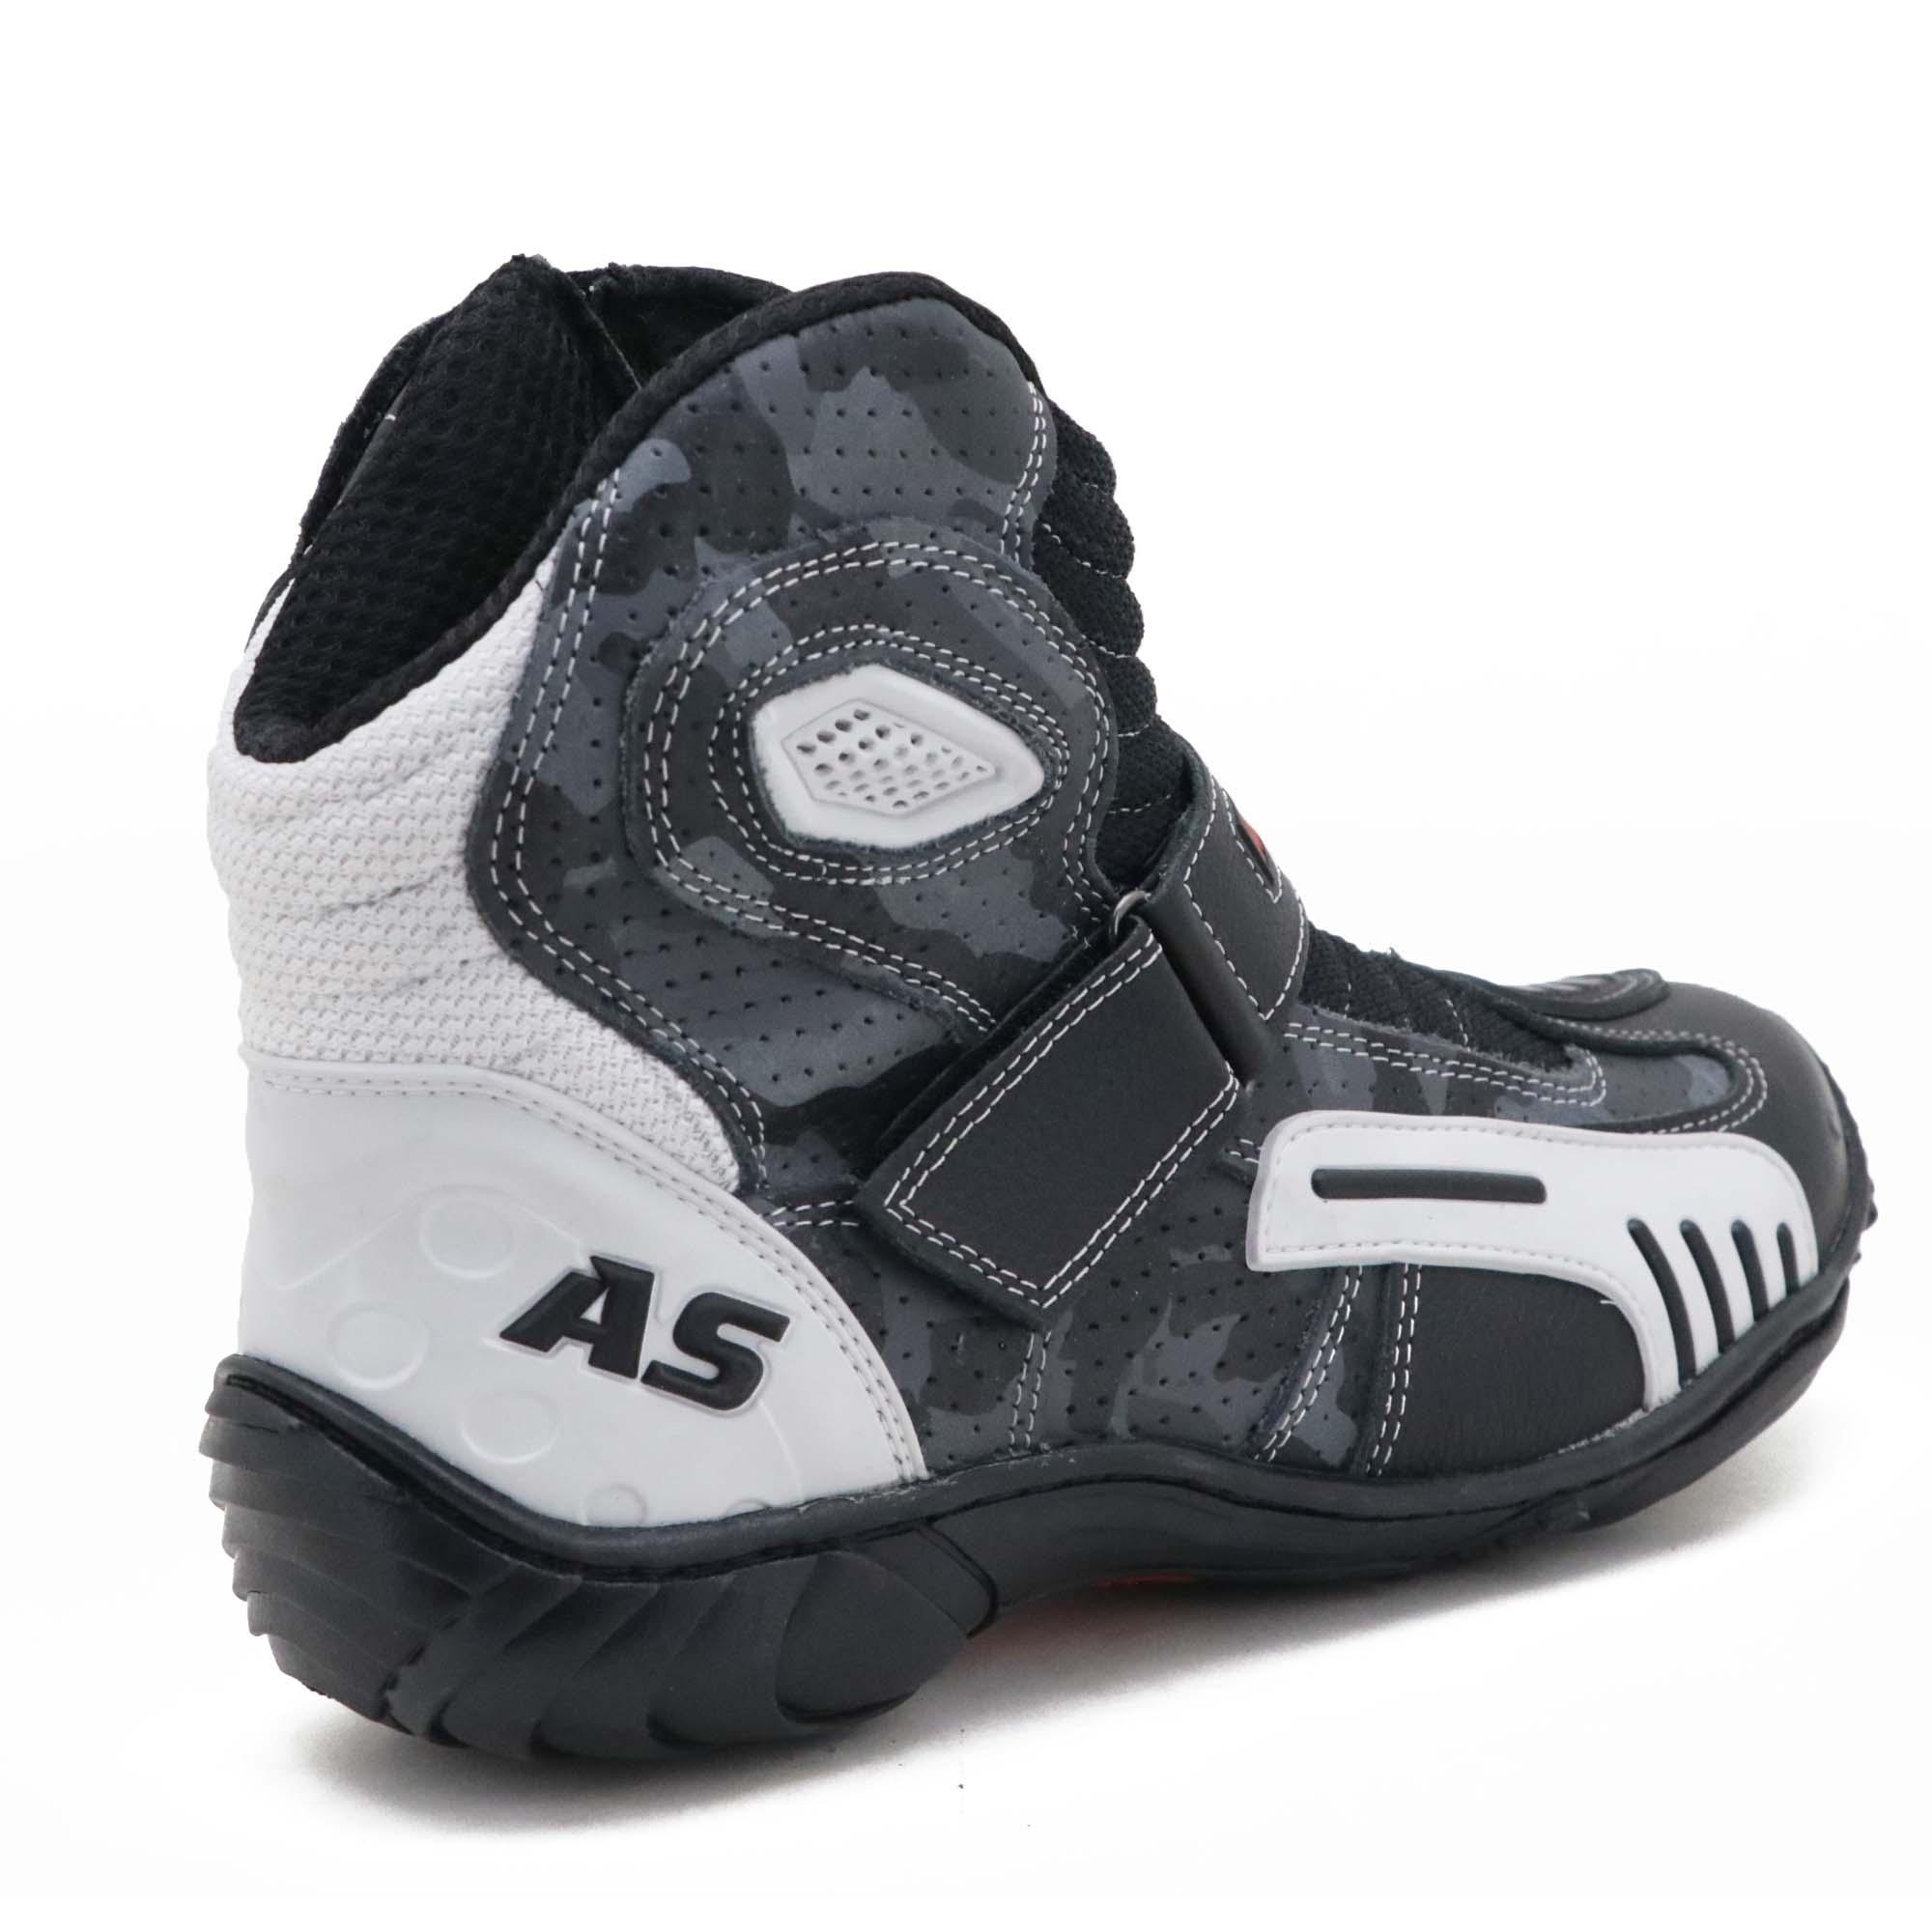 """Bota motociclista AS-RACING """"vented boots"""" em couro legítimo nas cores preto branco e camuflado 406"""